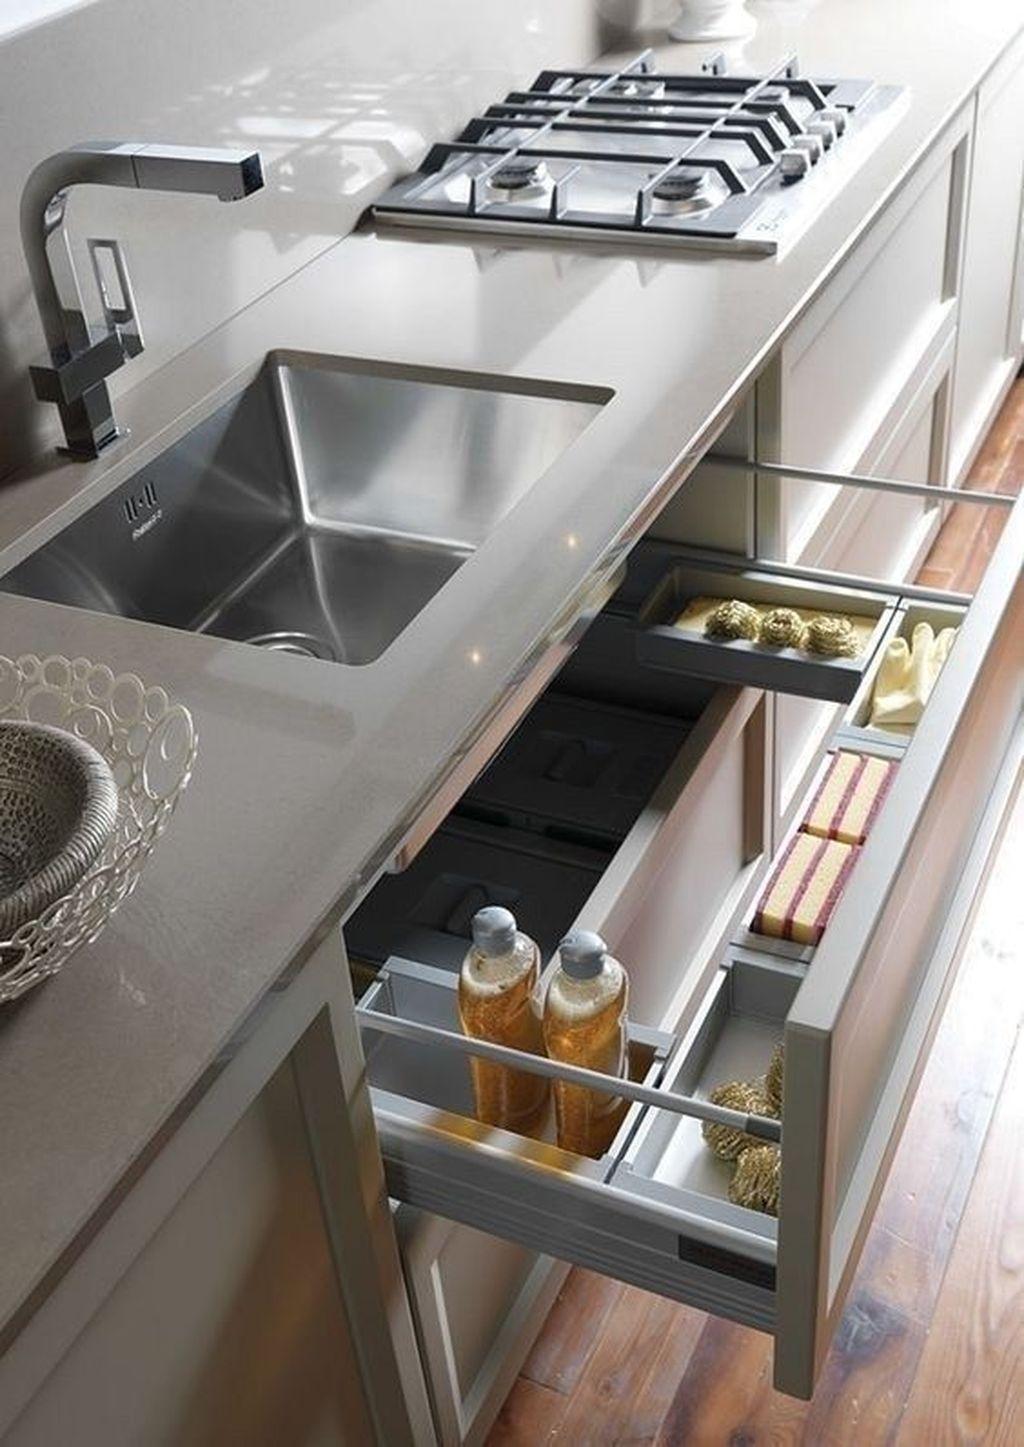 Best Design Ideas For Kitchen Organization Cabinets 04